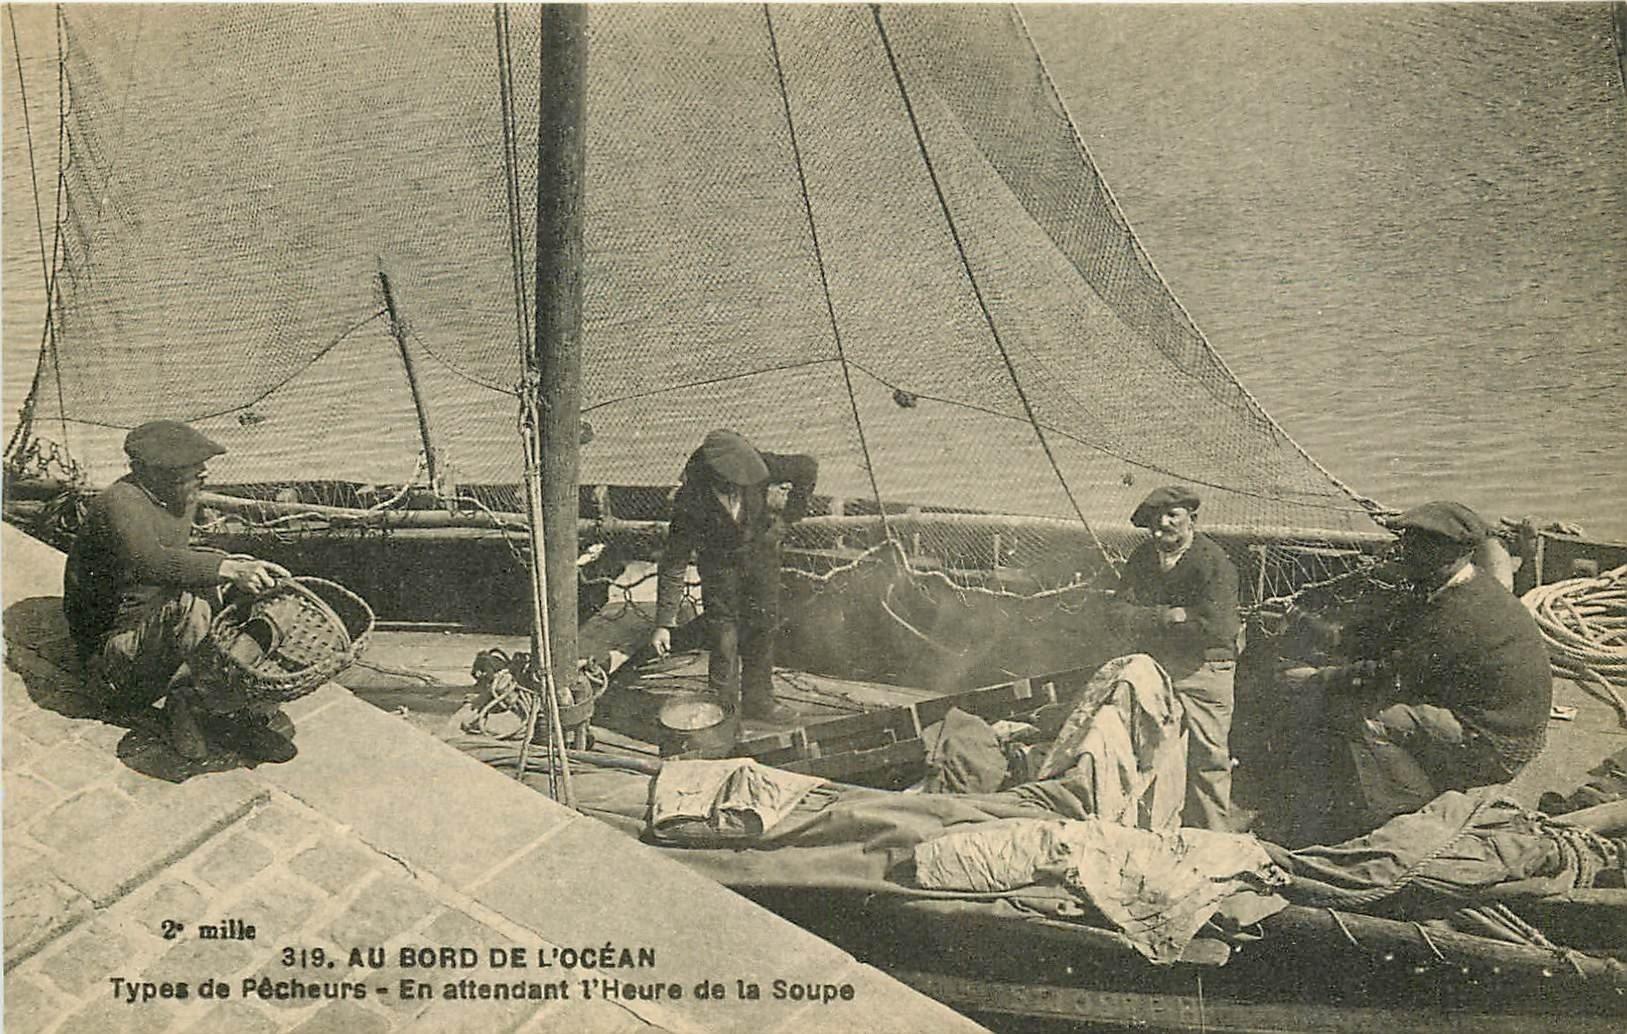 44 AU BORD DE L'OCEAN. Types de Pêcheurs attendant l'Heure de la Soupe